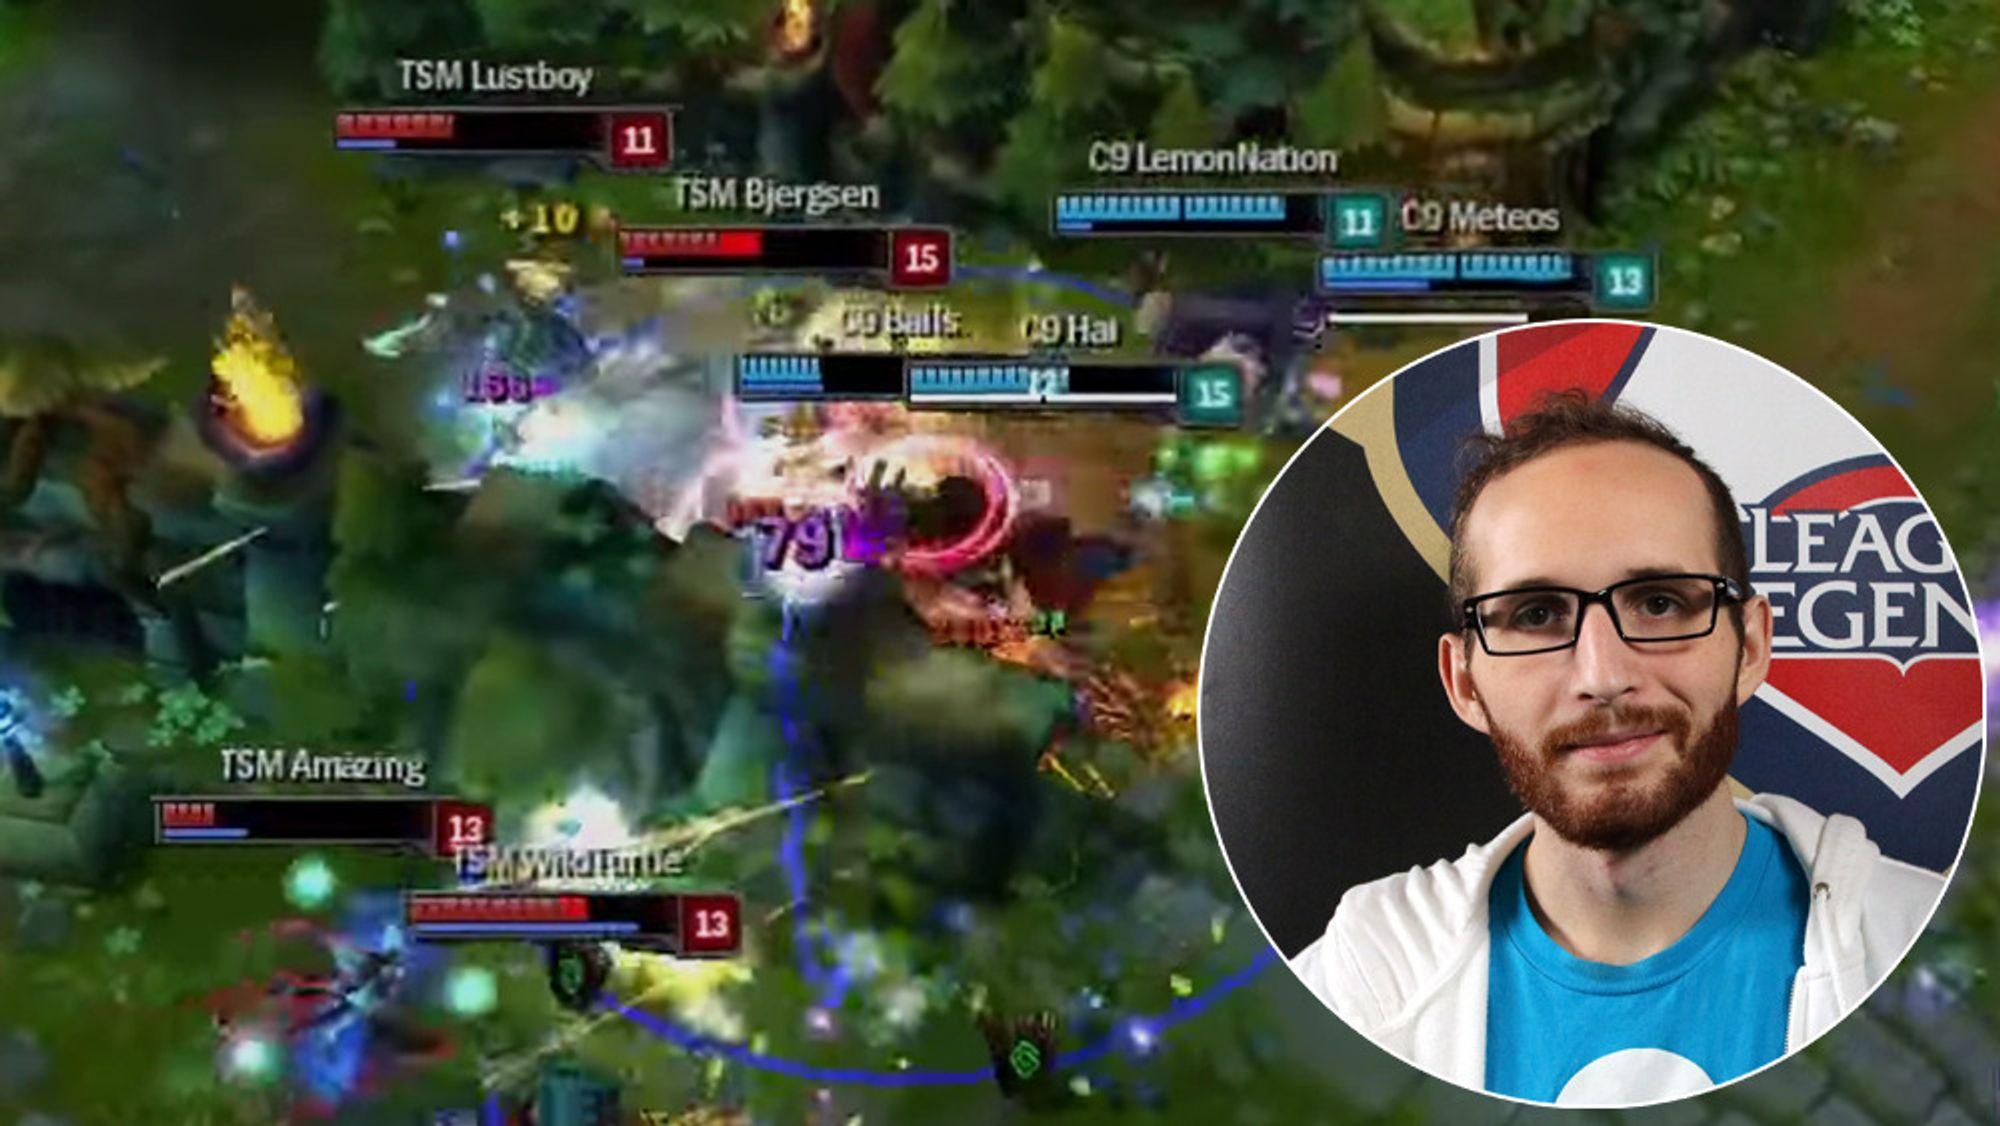 Daerek «Lemonnation» Hart  er en av de mest strategiske spillerne på Cloud 9.